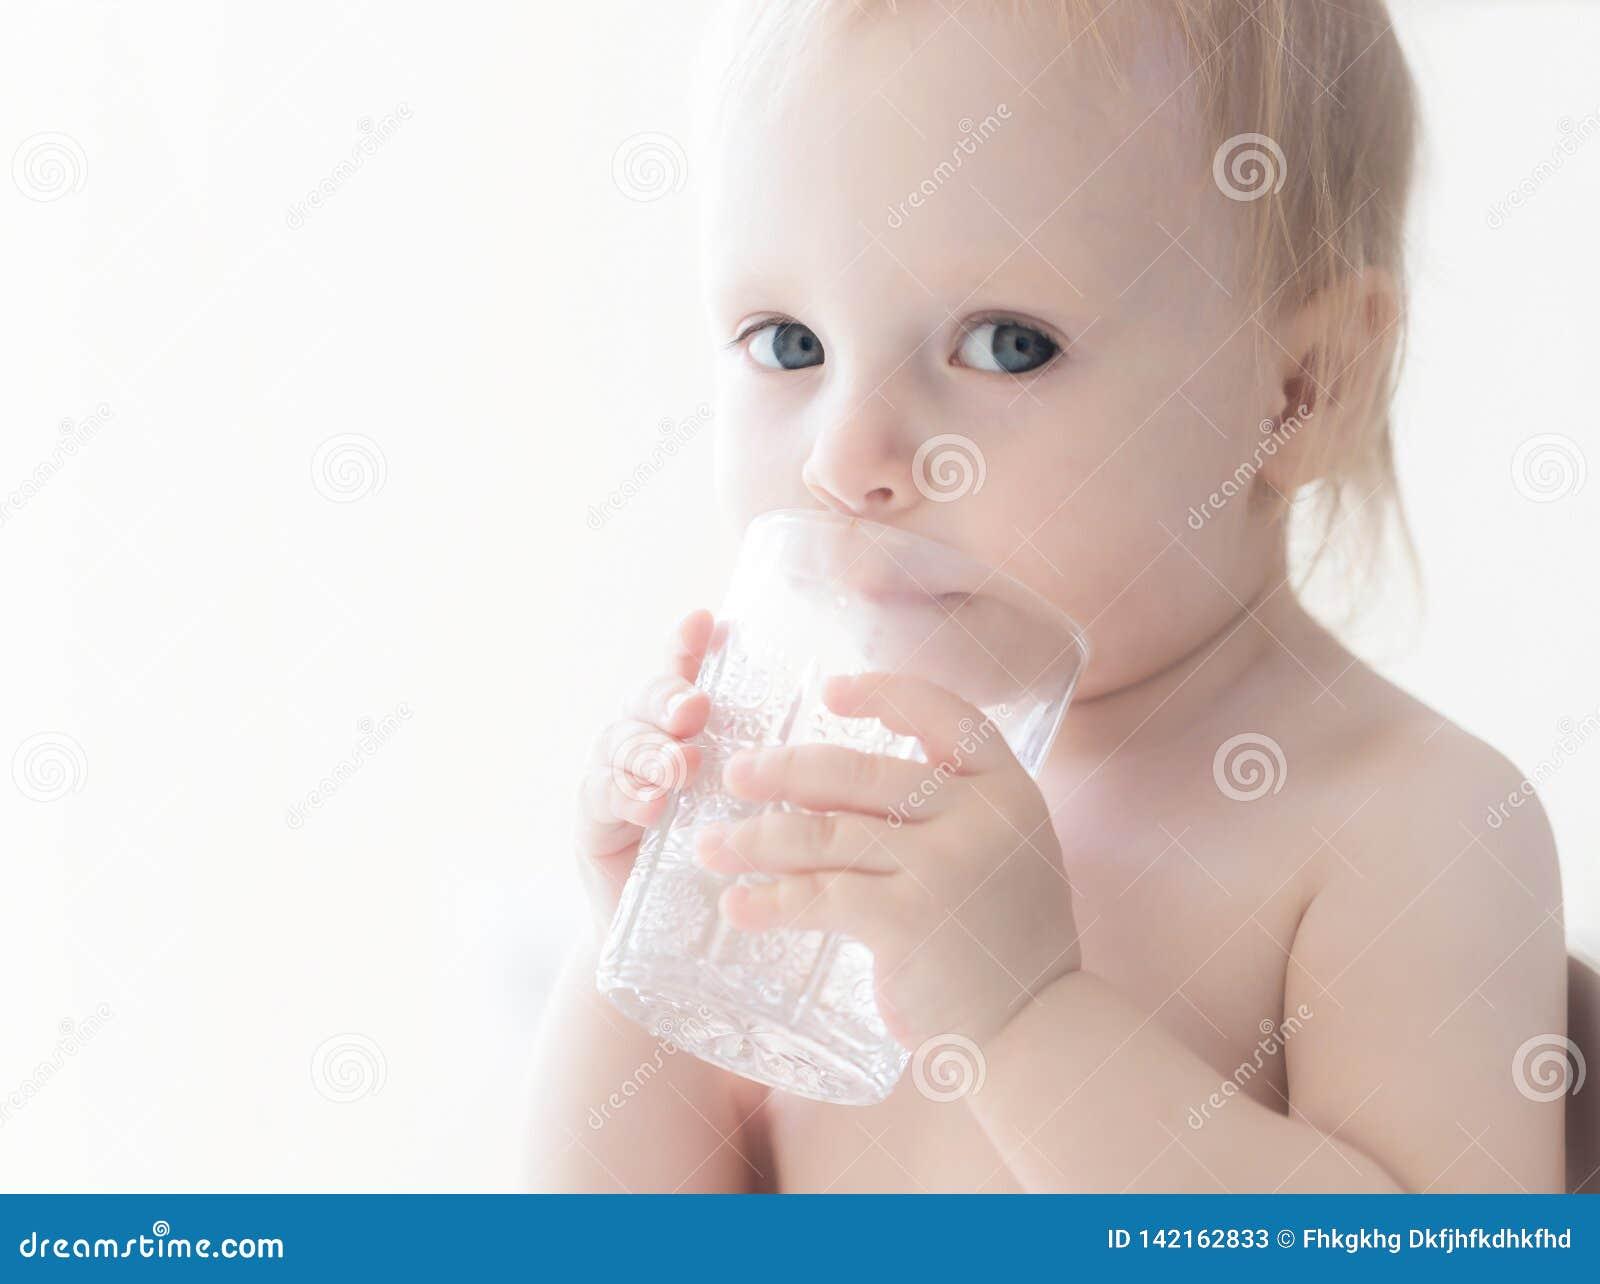 有棕色看坐从小玻璃的桌饮用水的头发淡褐色眼睛的英俊的严肃的甜小孩